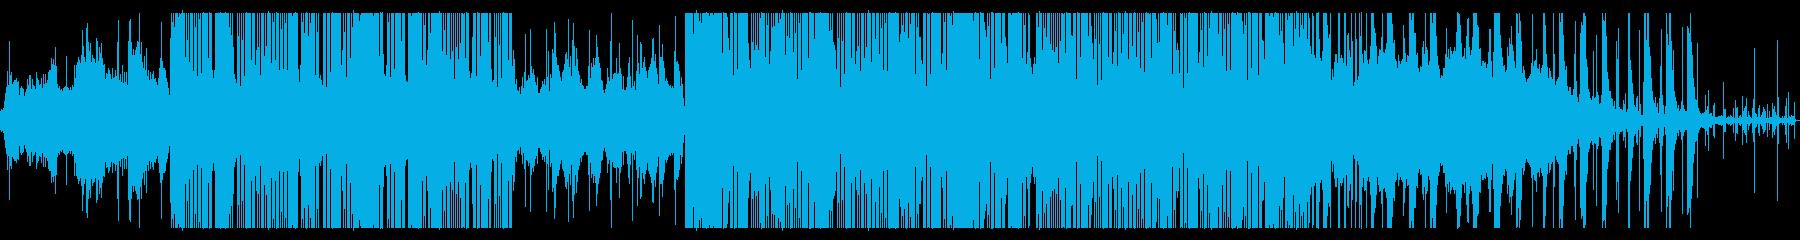 企業VP いやし・チル 223の再生済みの波形